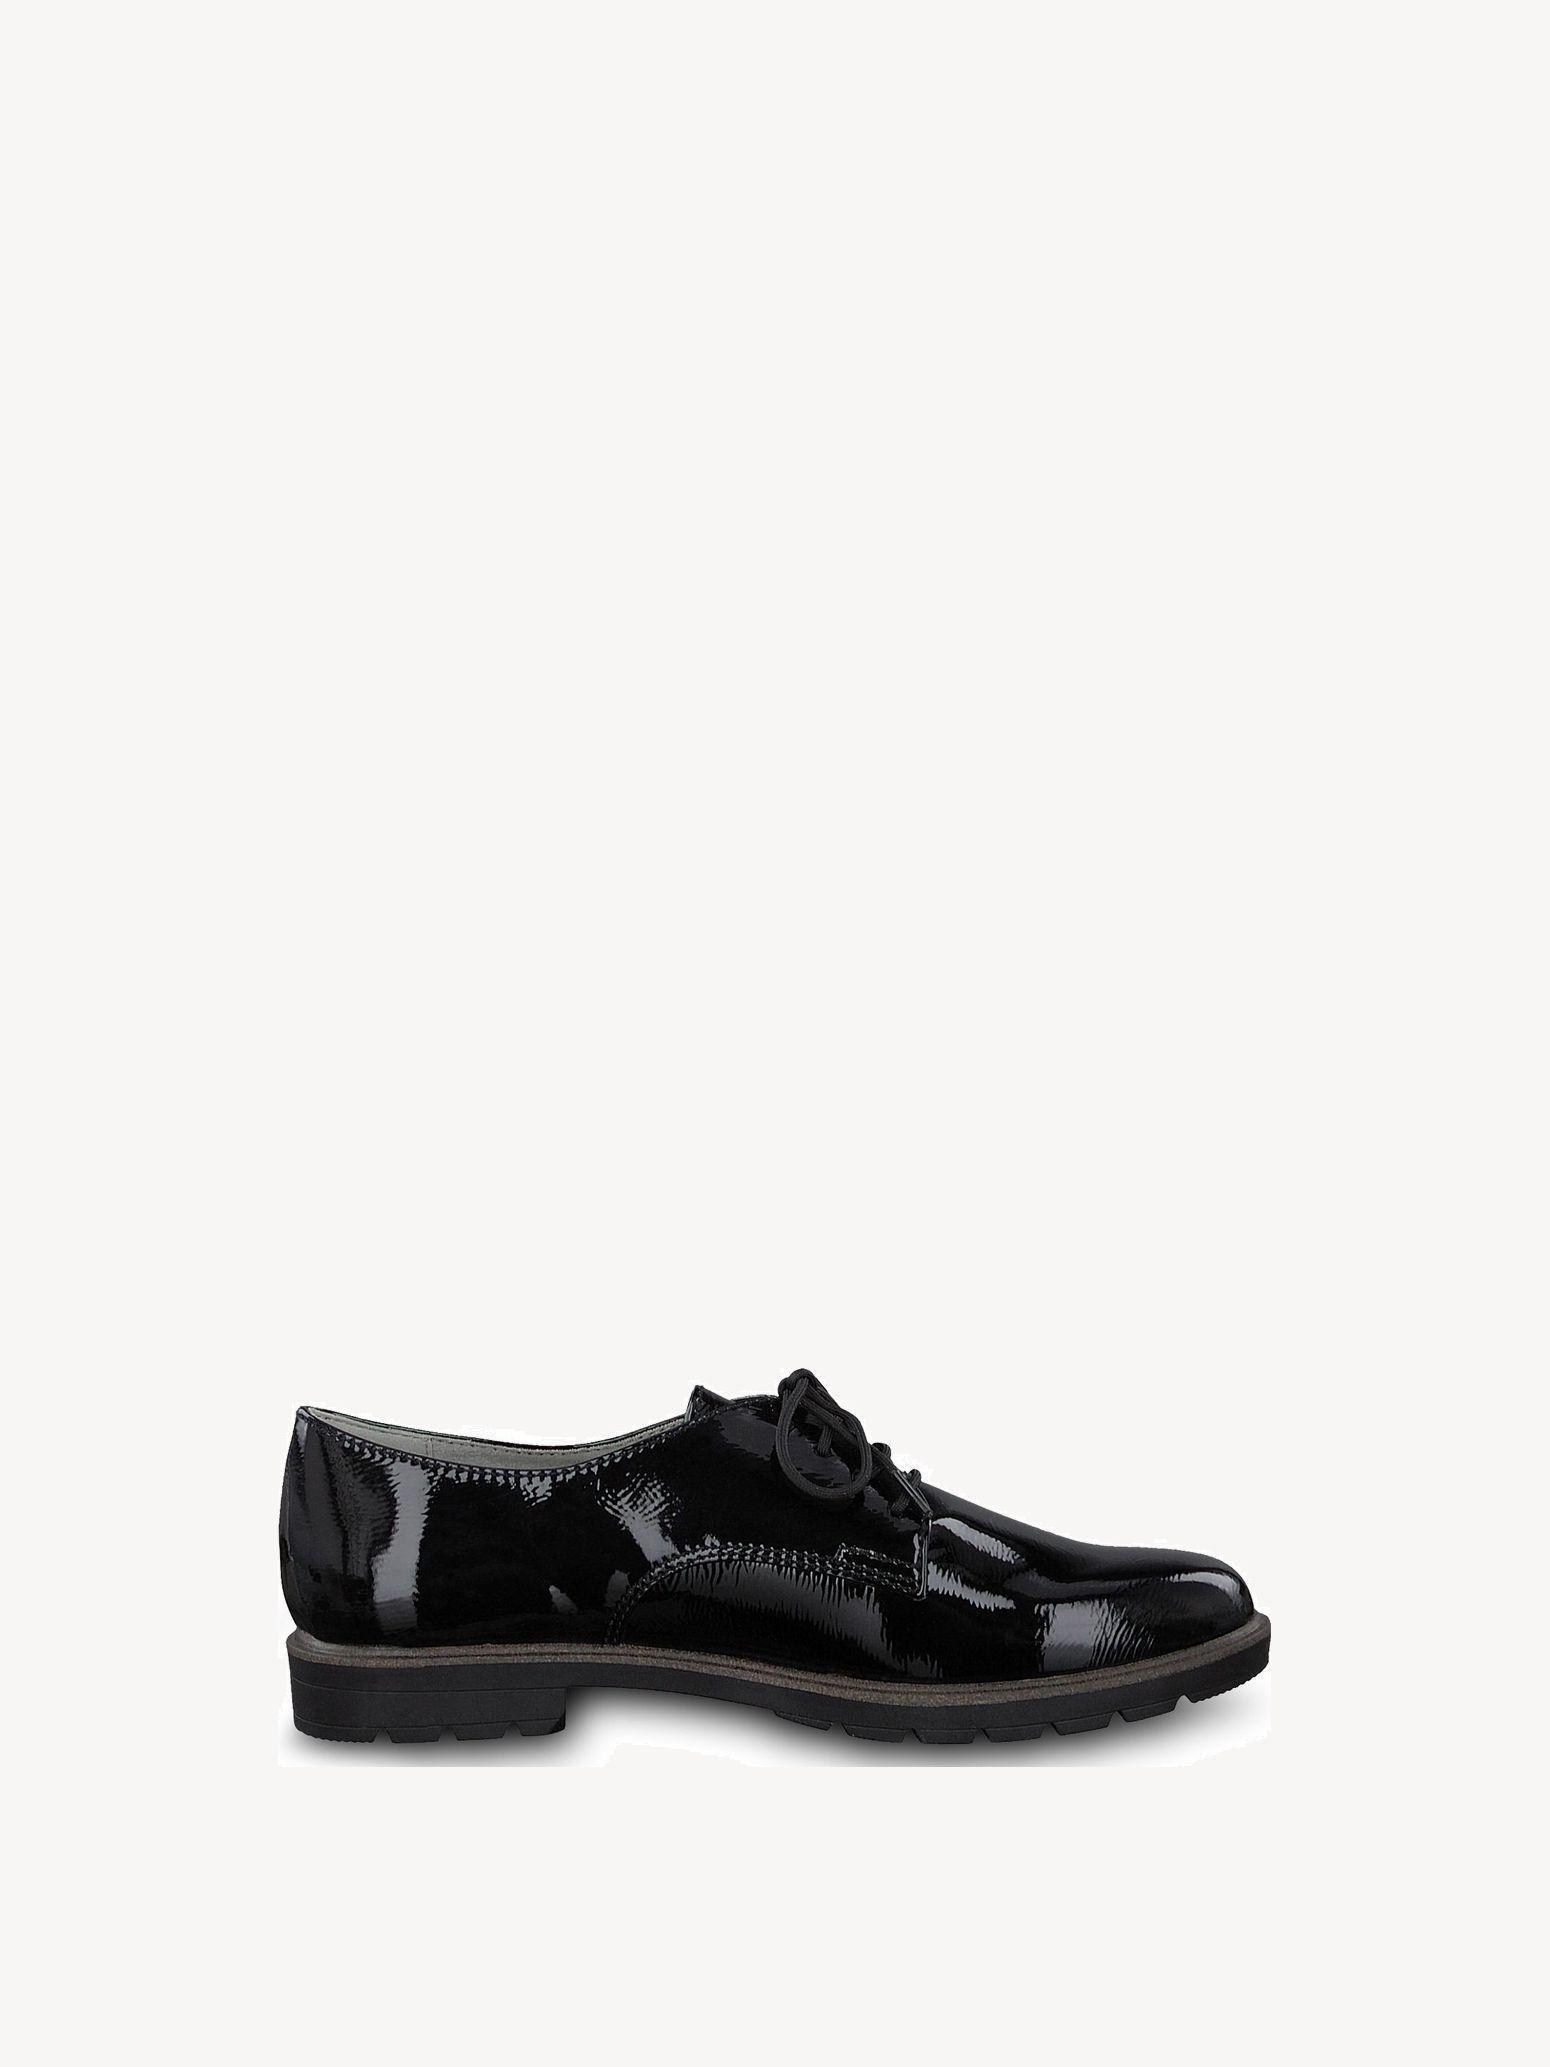 Basses 1 De Ligne Crissy En 23215 Achetez Chaussures Les 20 8zdwAq7